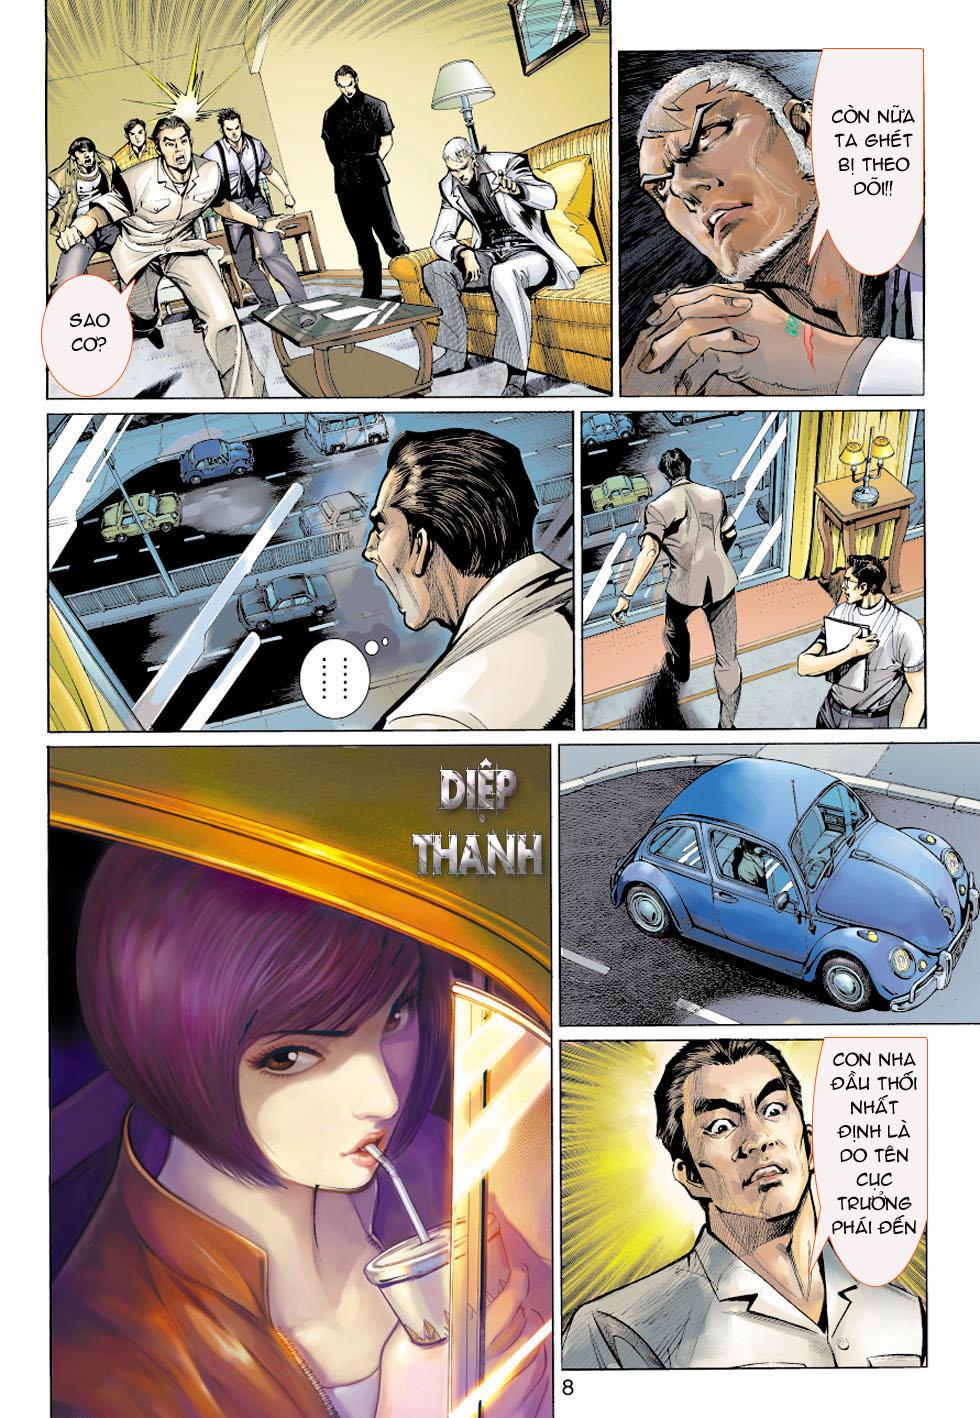 Thần Binh 4 chap 5 - Trang 8